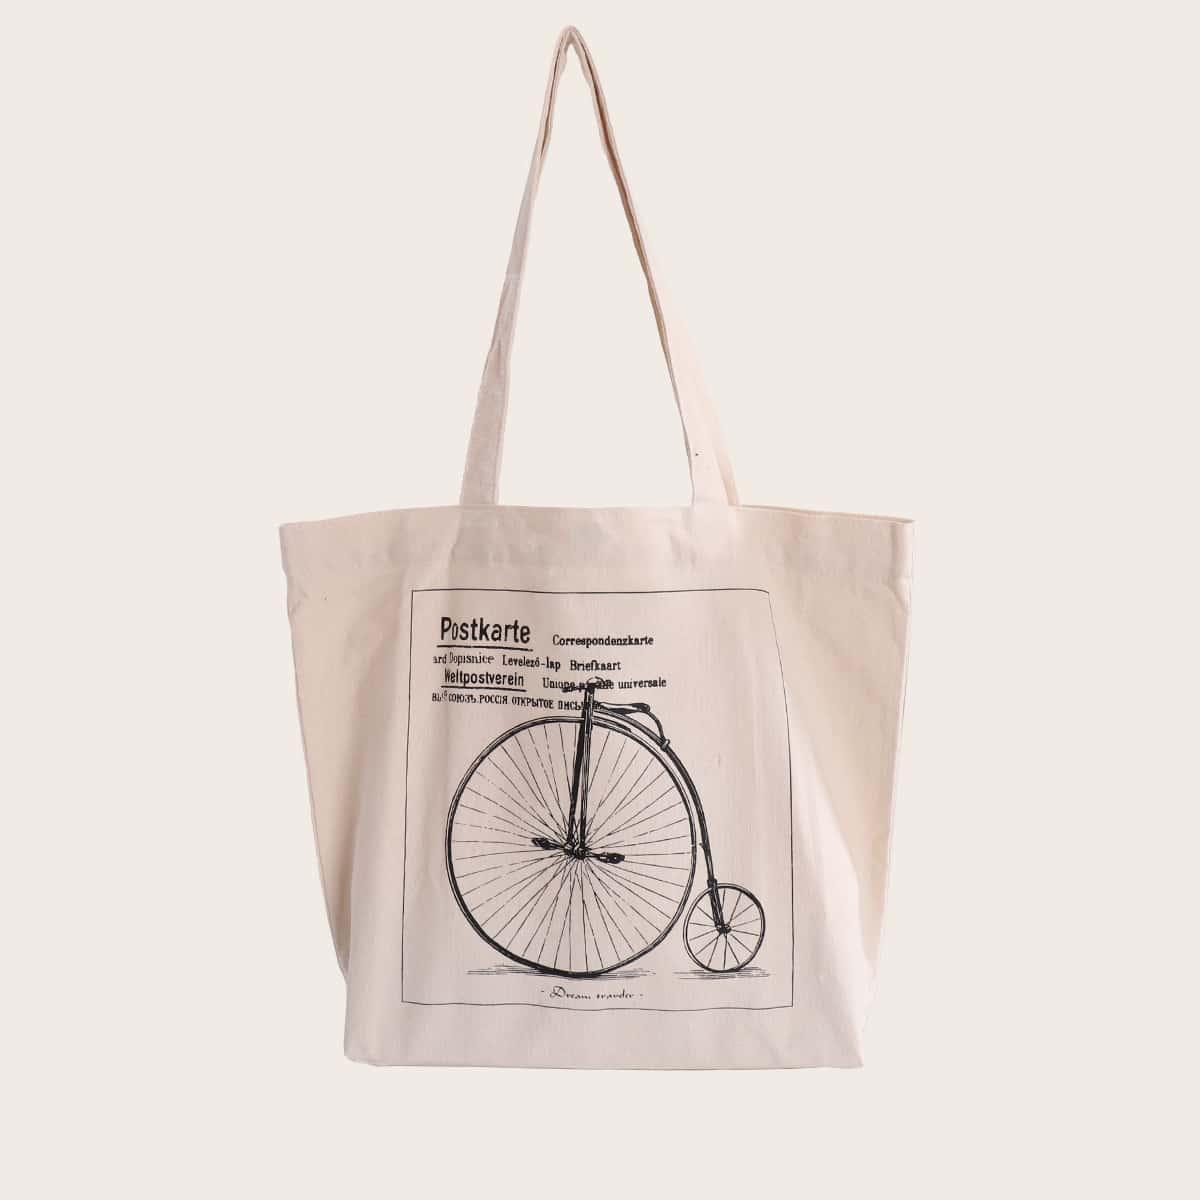 SHEIN / Bolsa de compra con estampado de letra y bicicleta